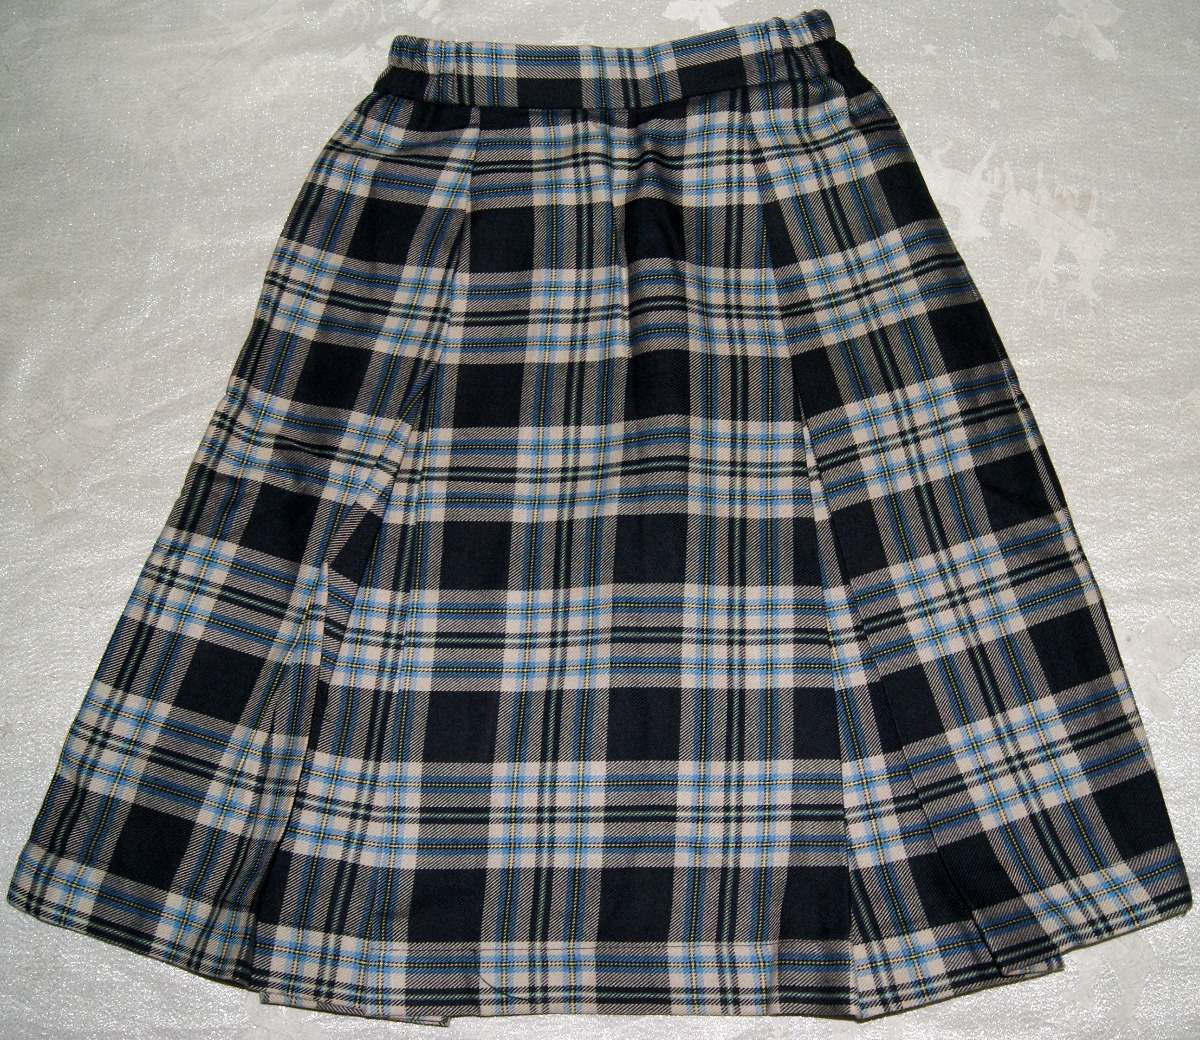 22606a3baa6c4 Falda Tableada Escolar Escocesa Talla 8 Niña Envio Incluido ...